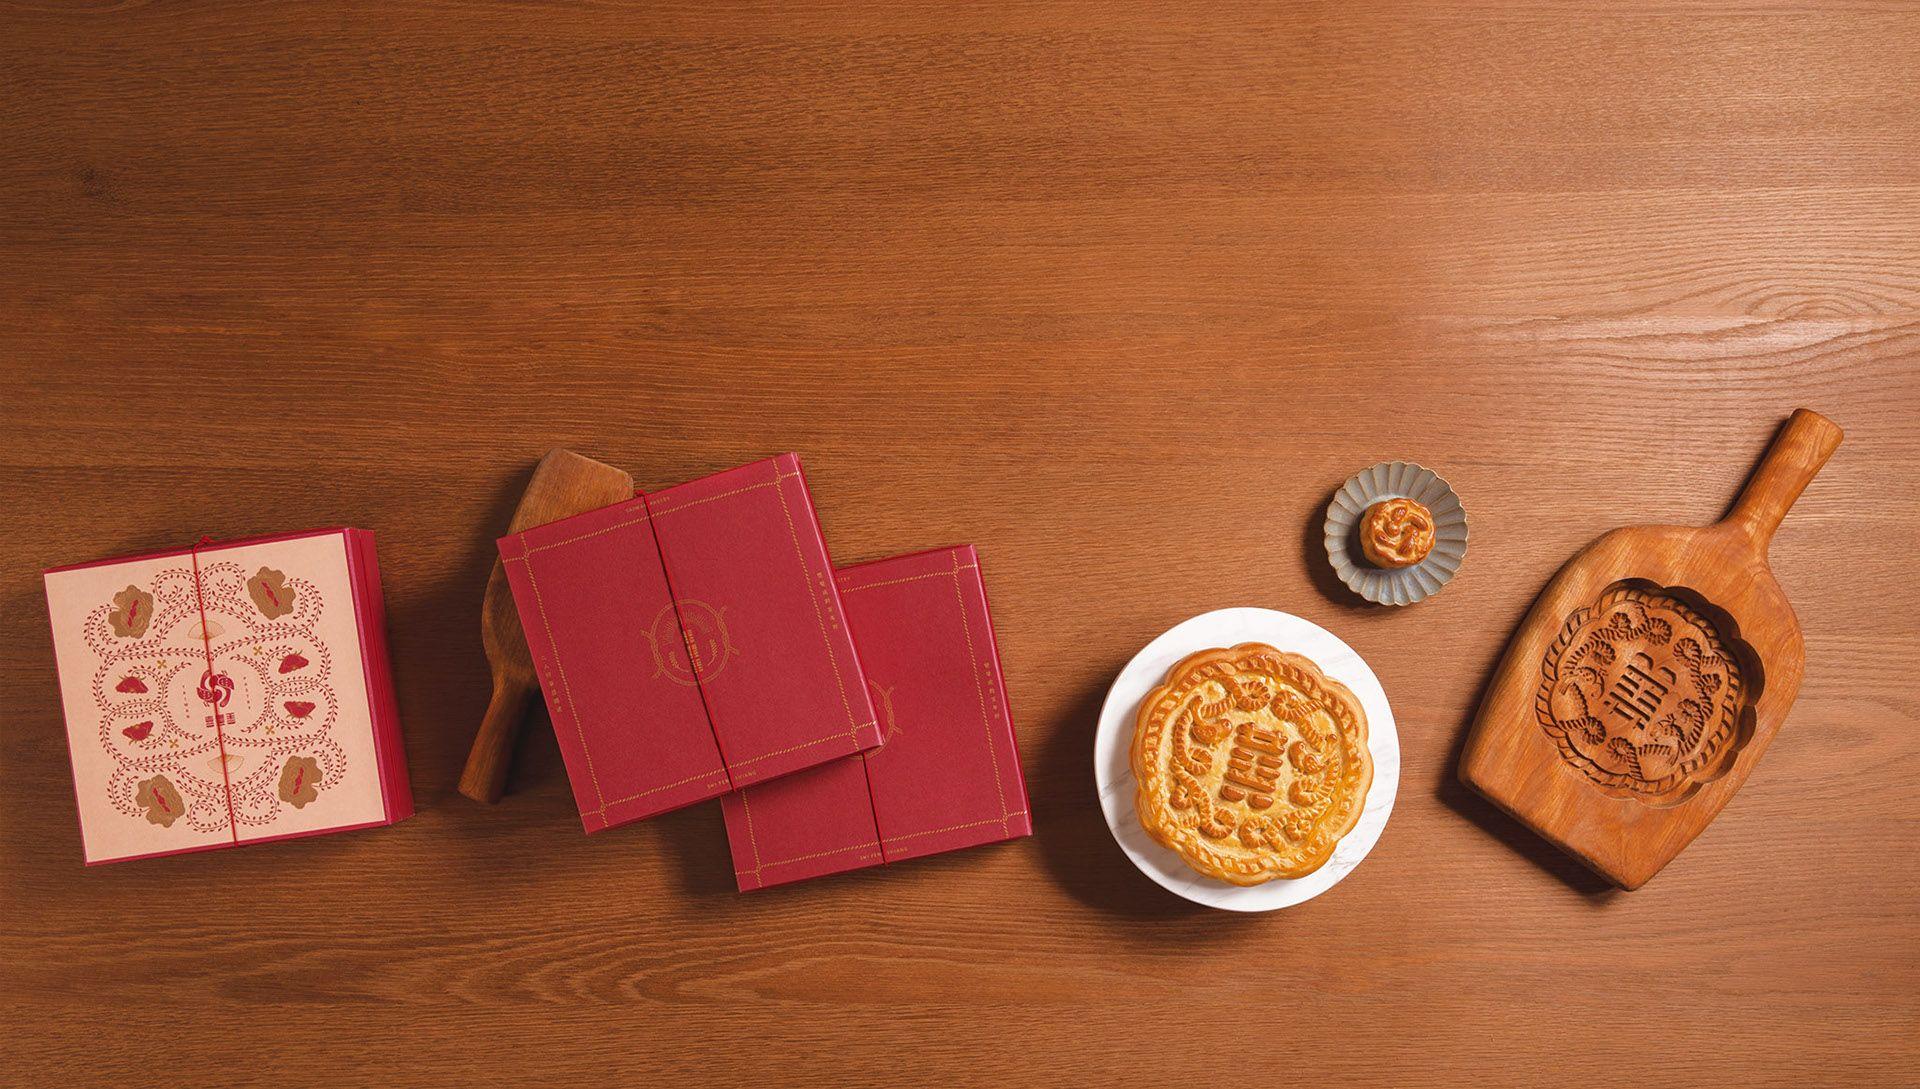 喜豐香漢餅 on Behance | Photography